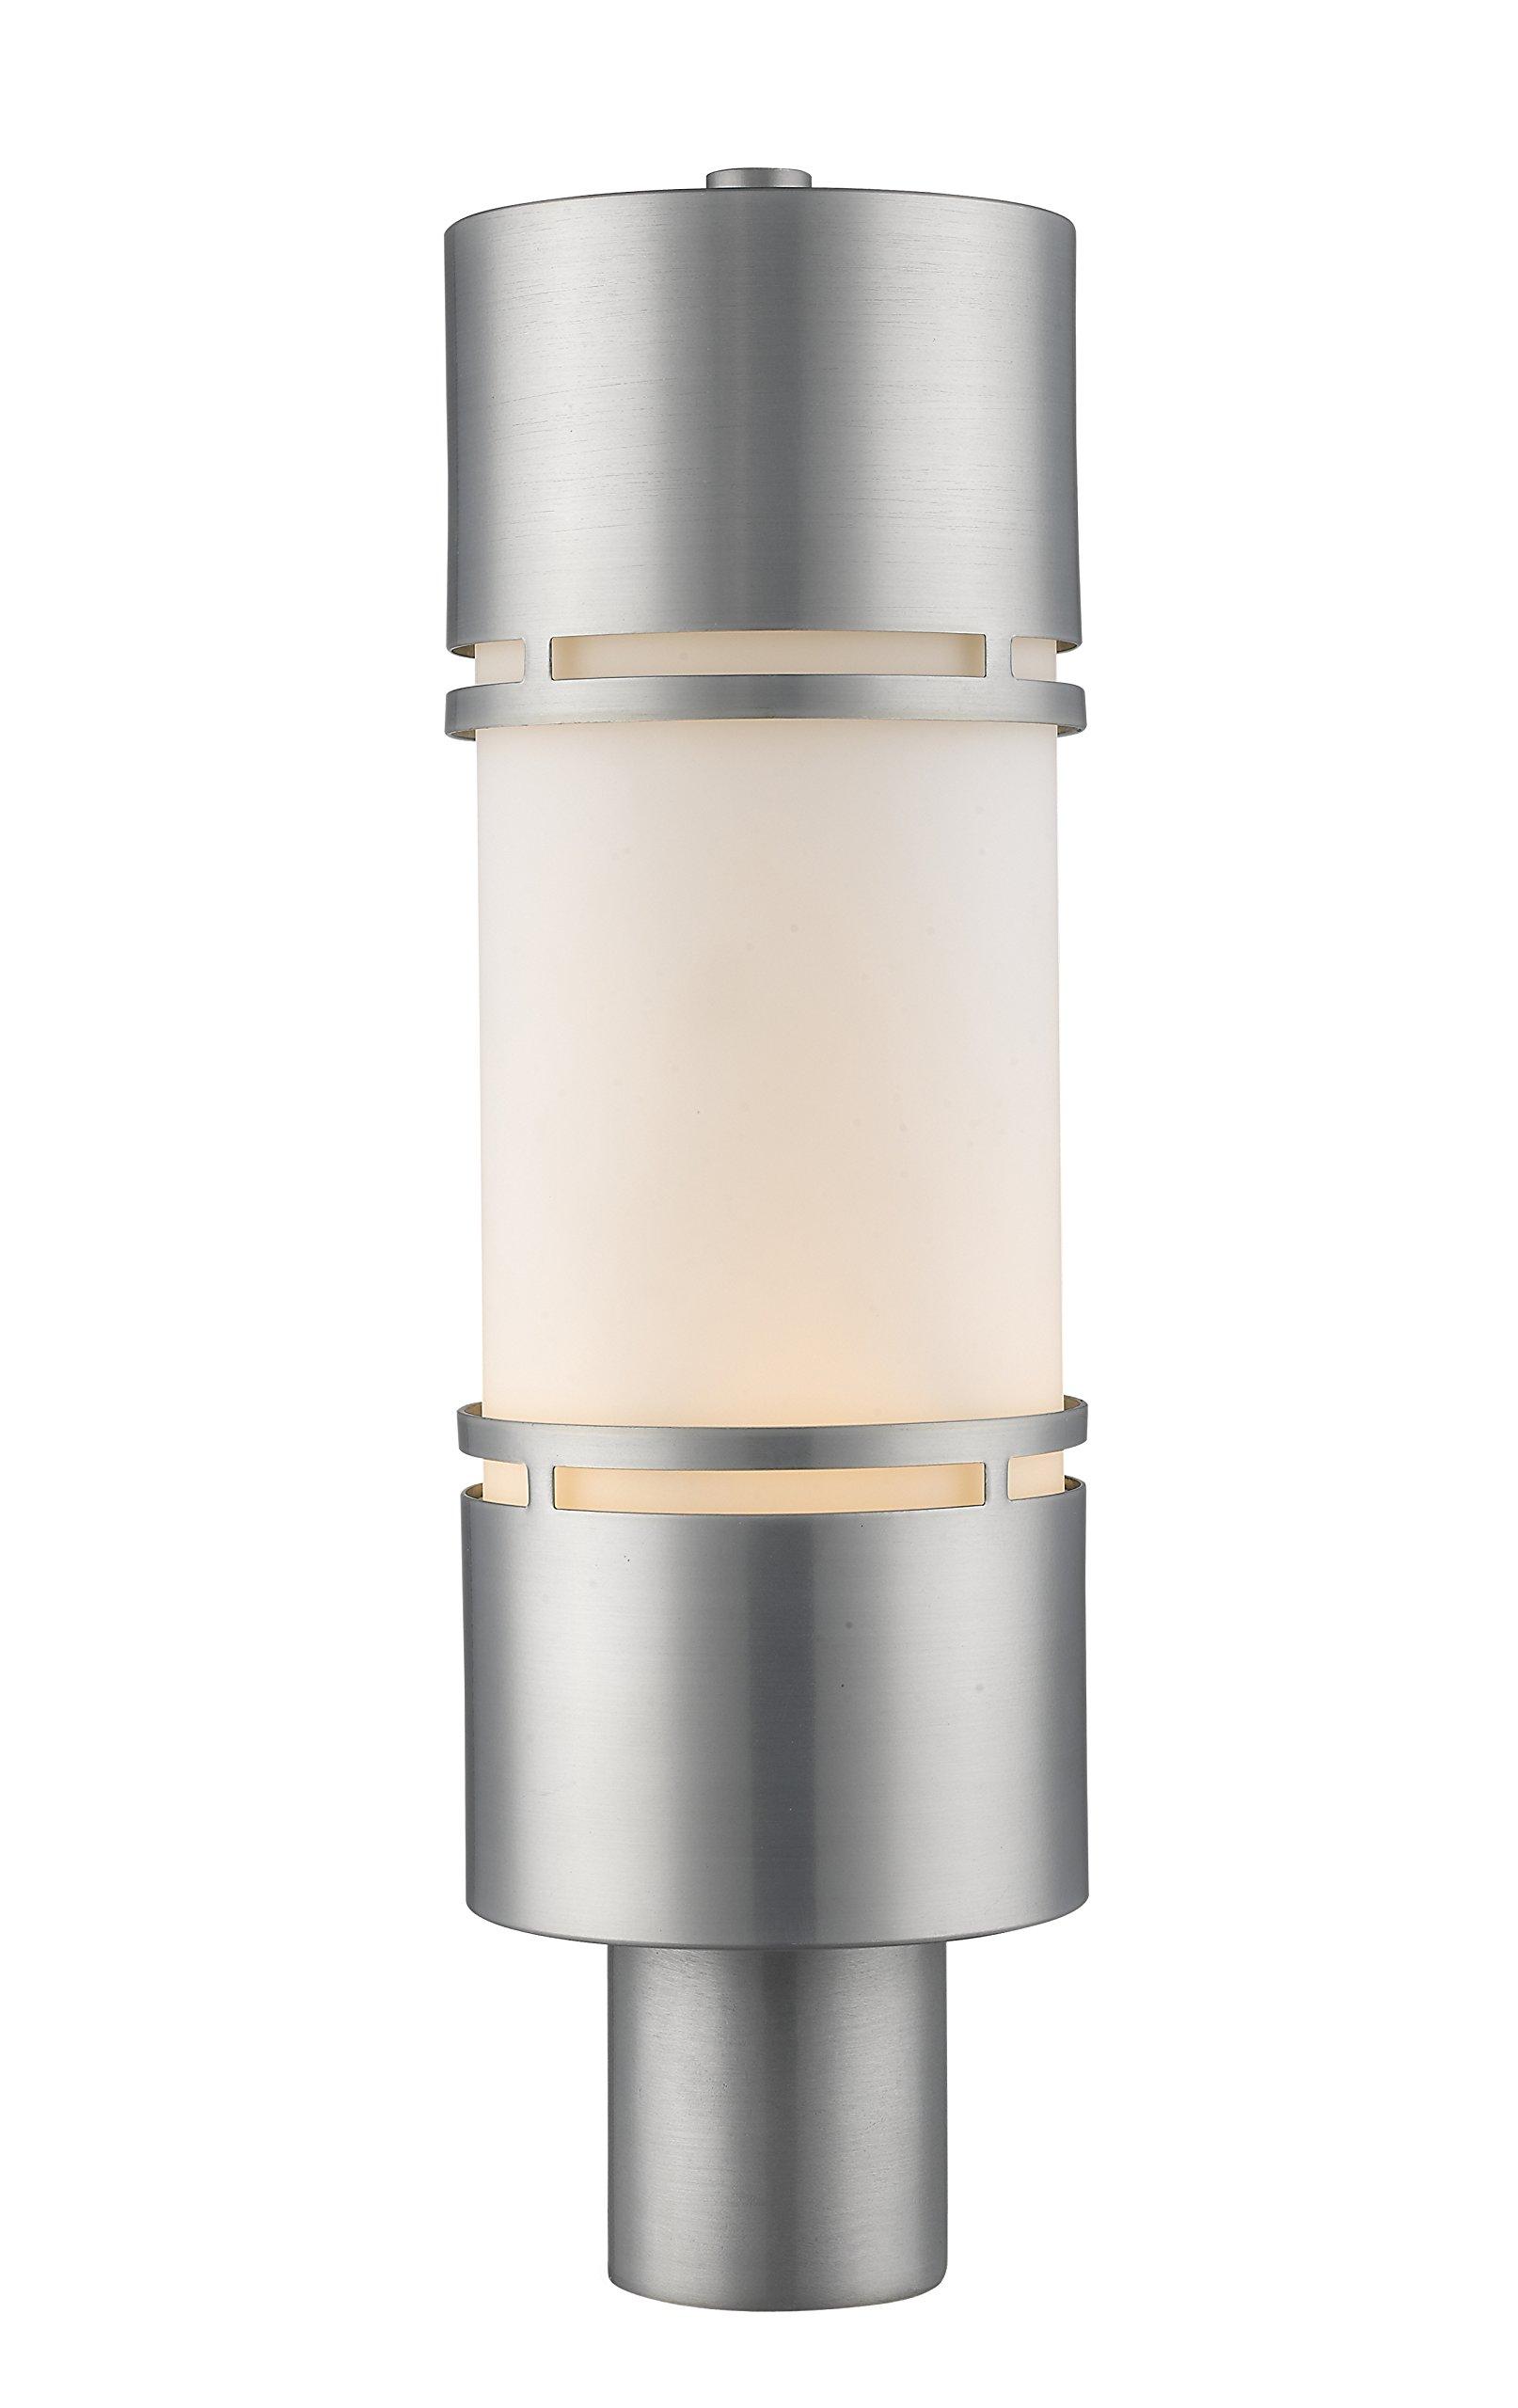 Z-Lite 560PHB-BA-LED Outdoor LED Post Mount Light